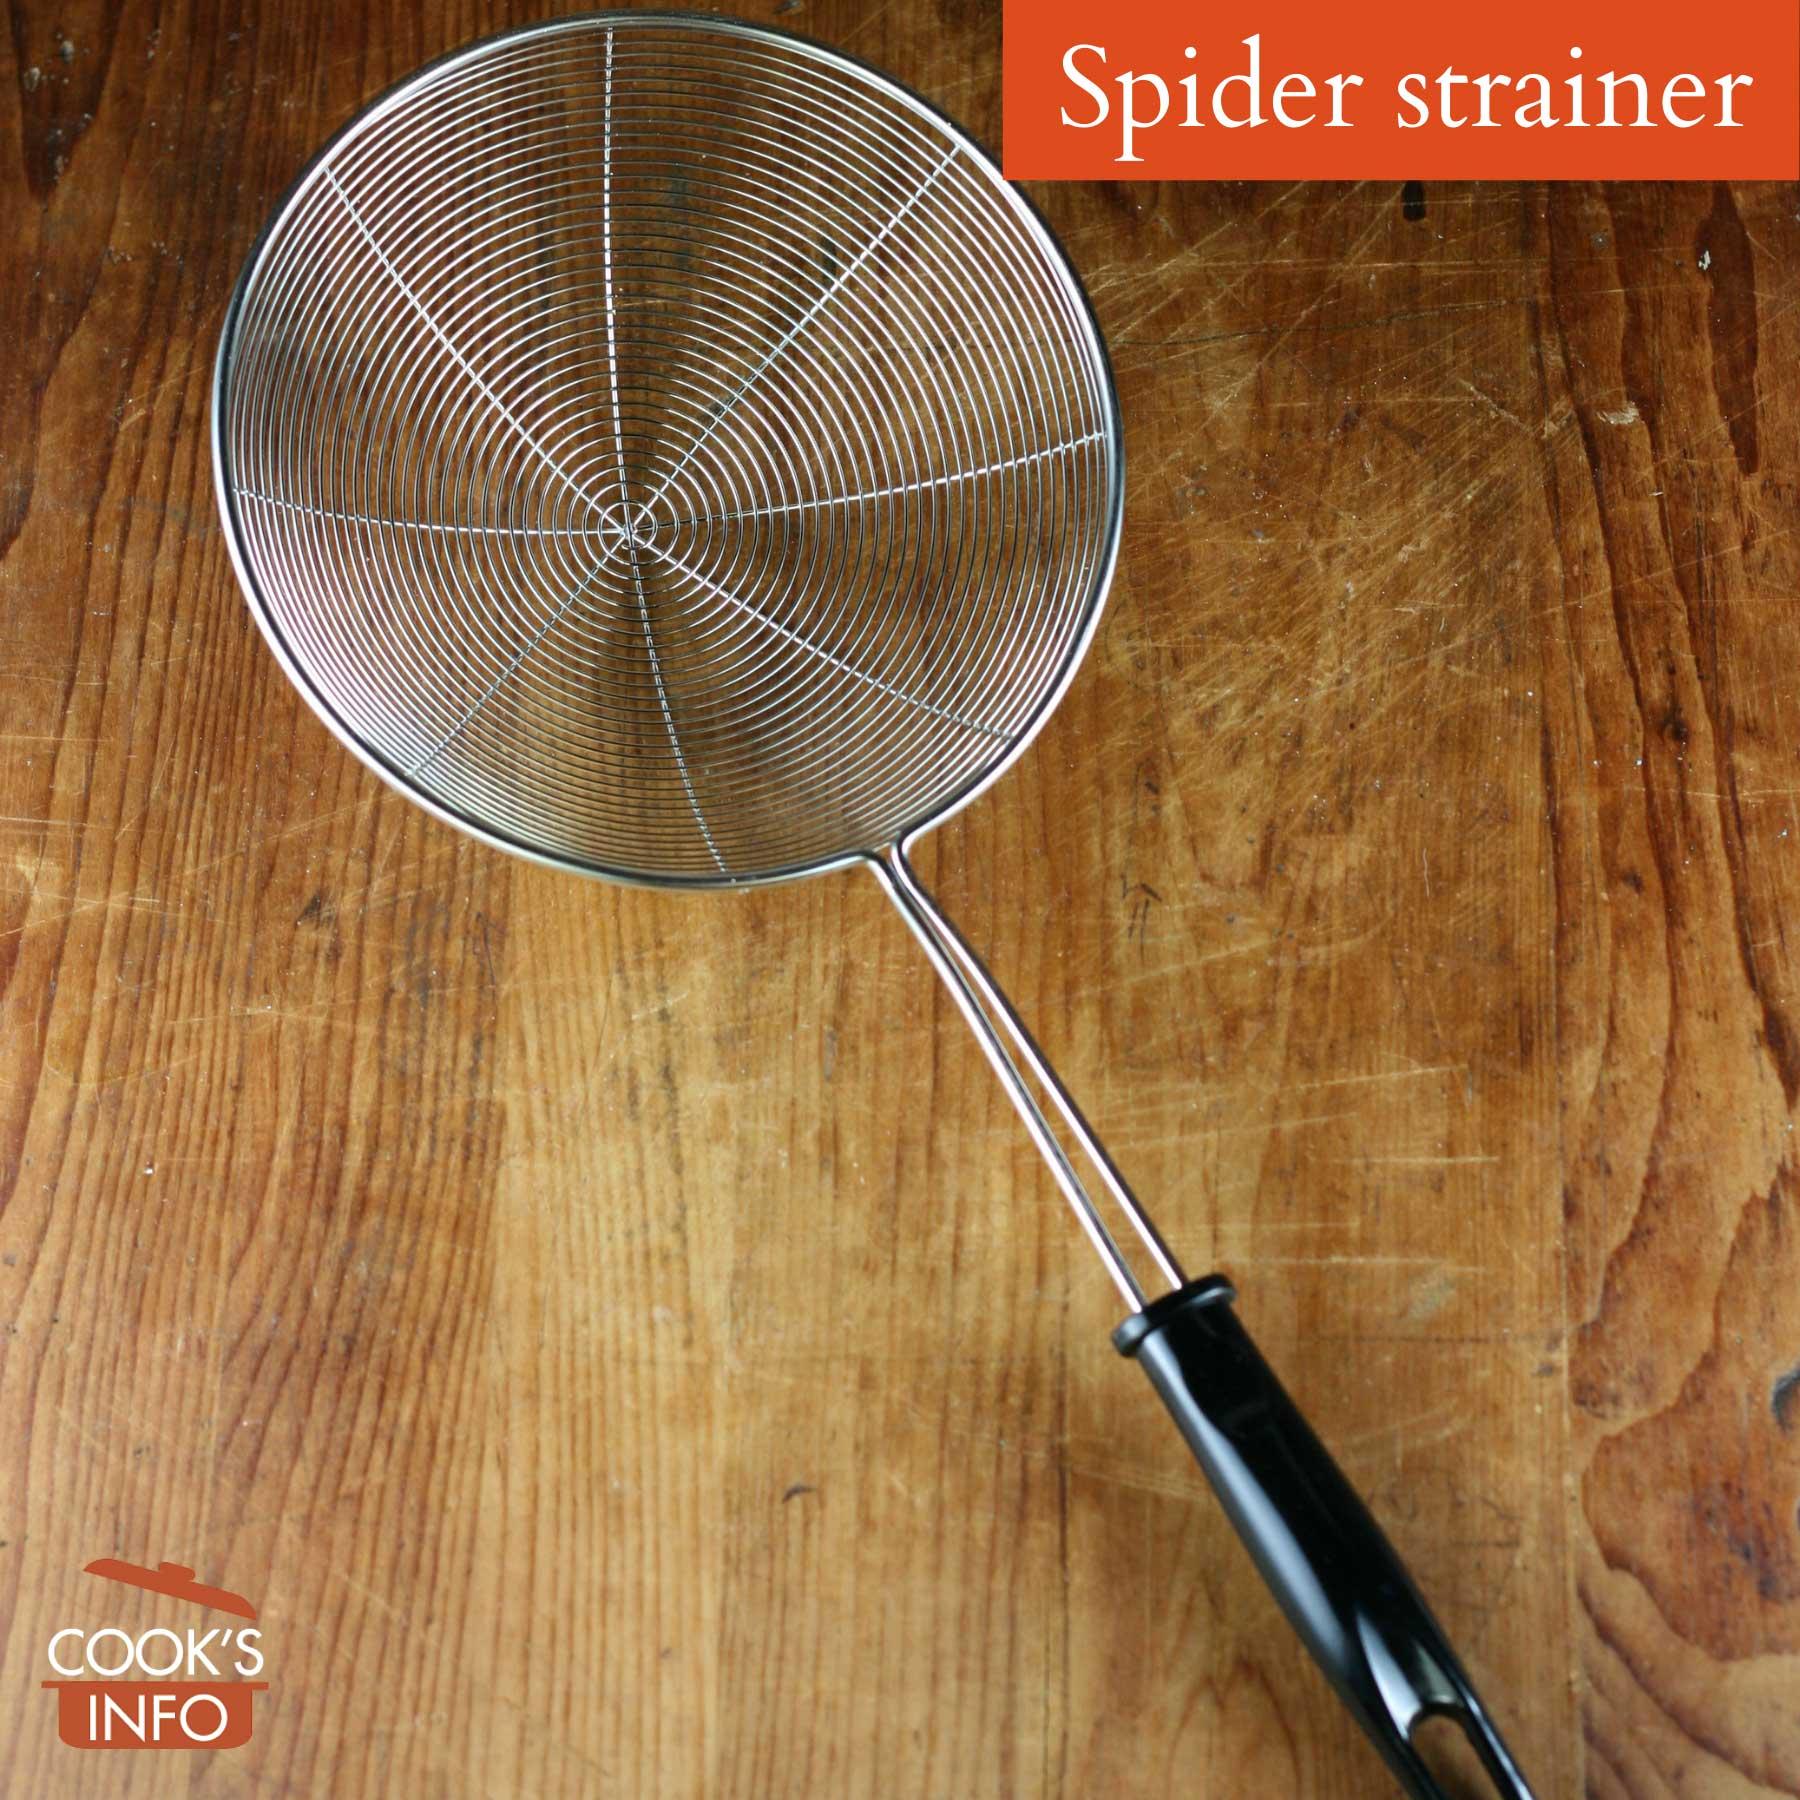 Spider strainer